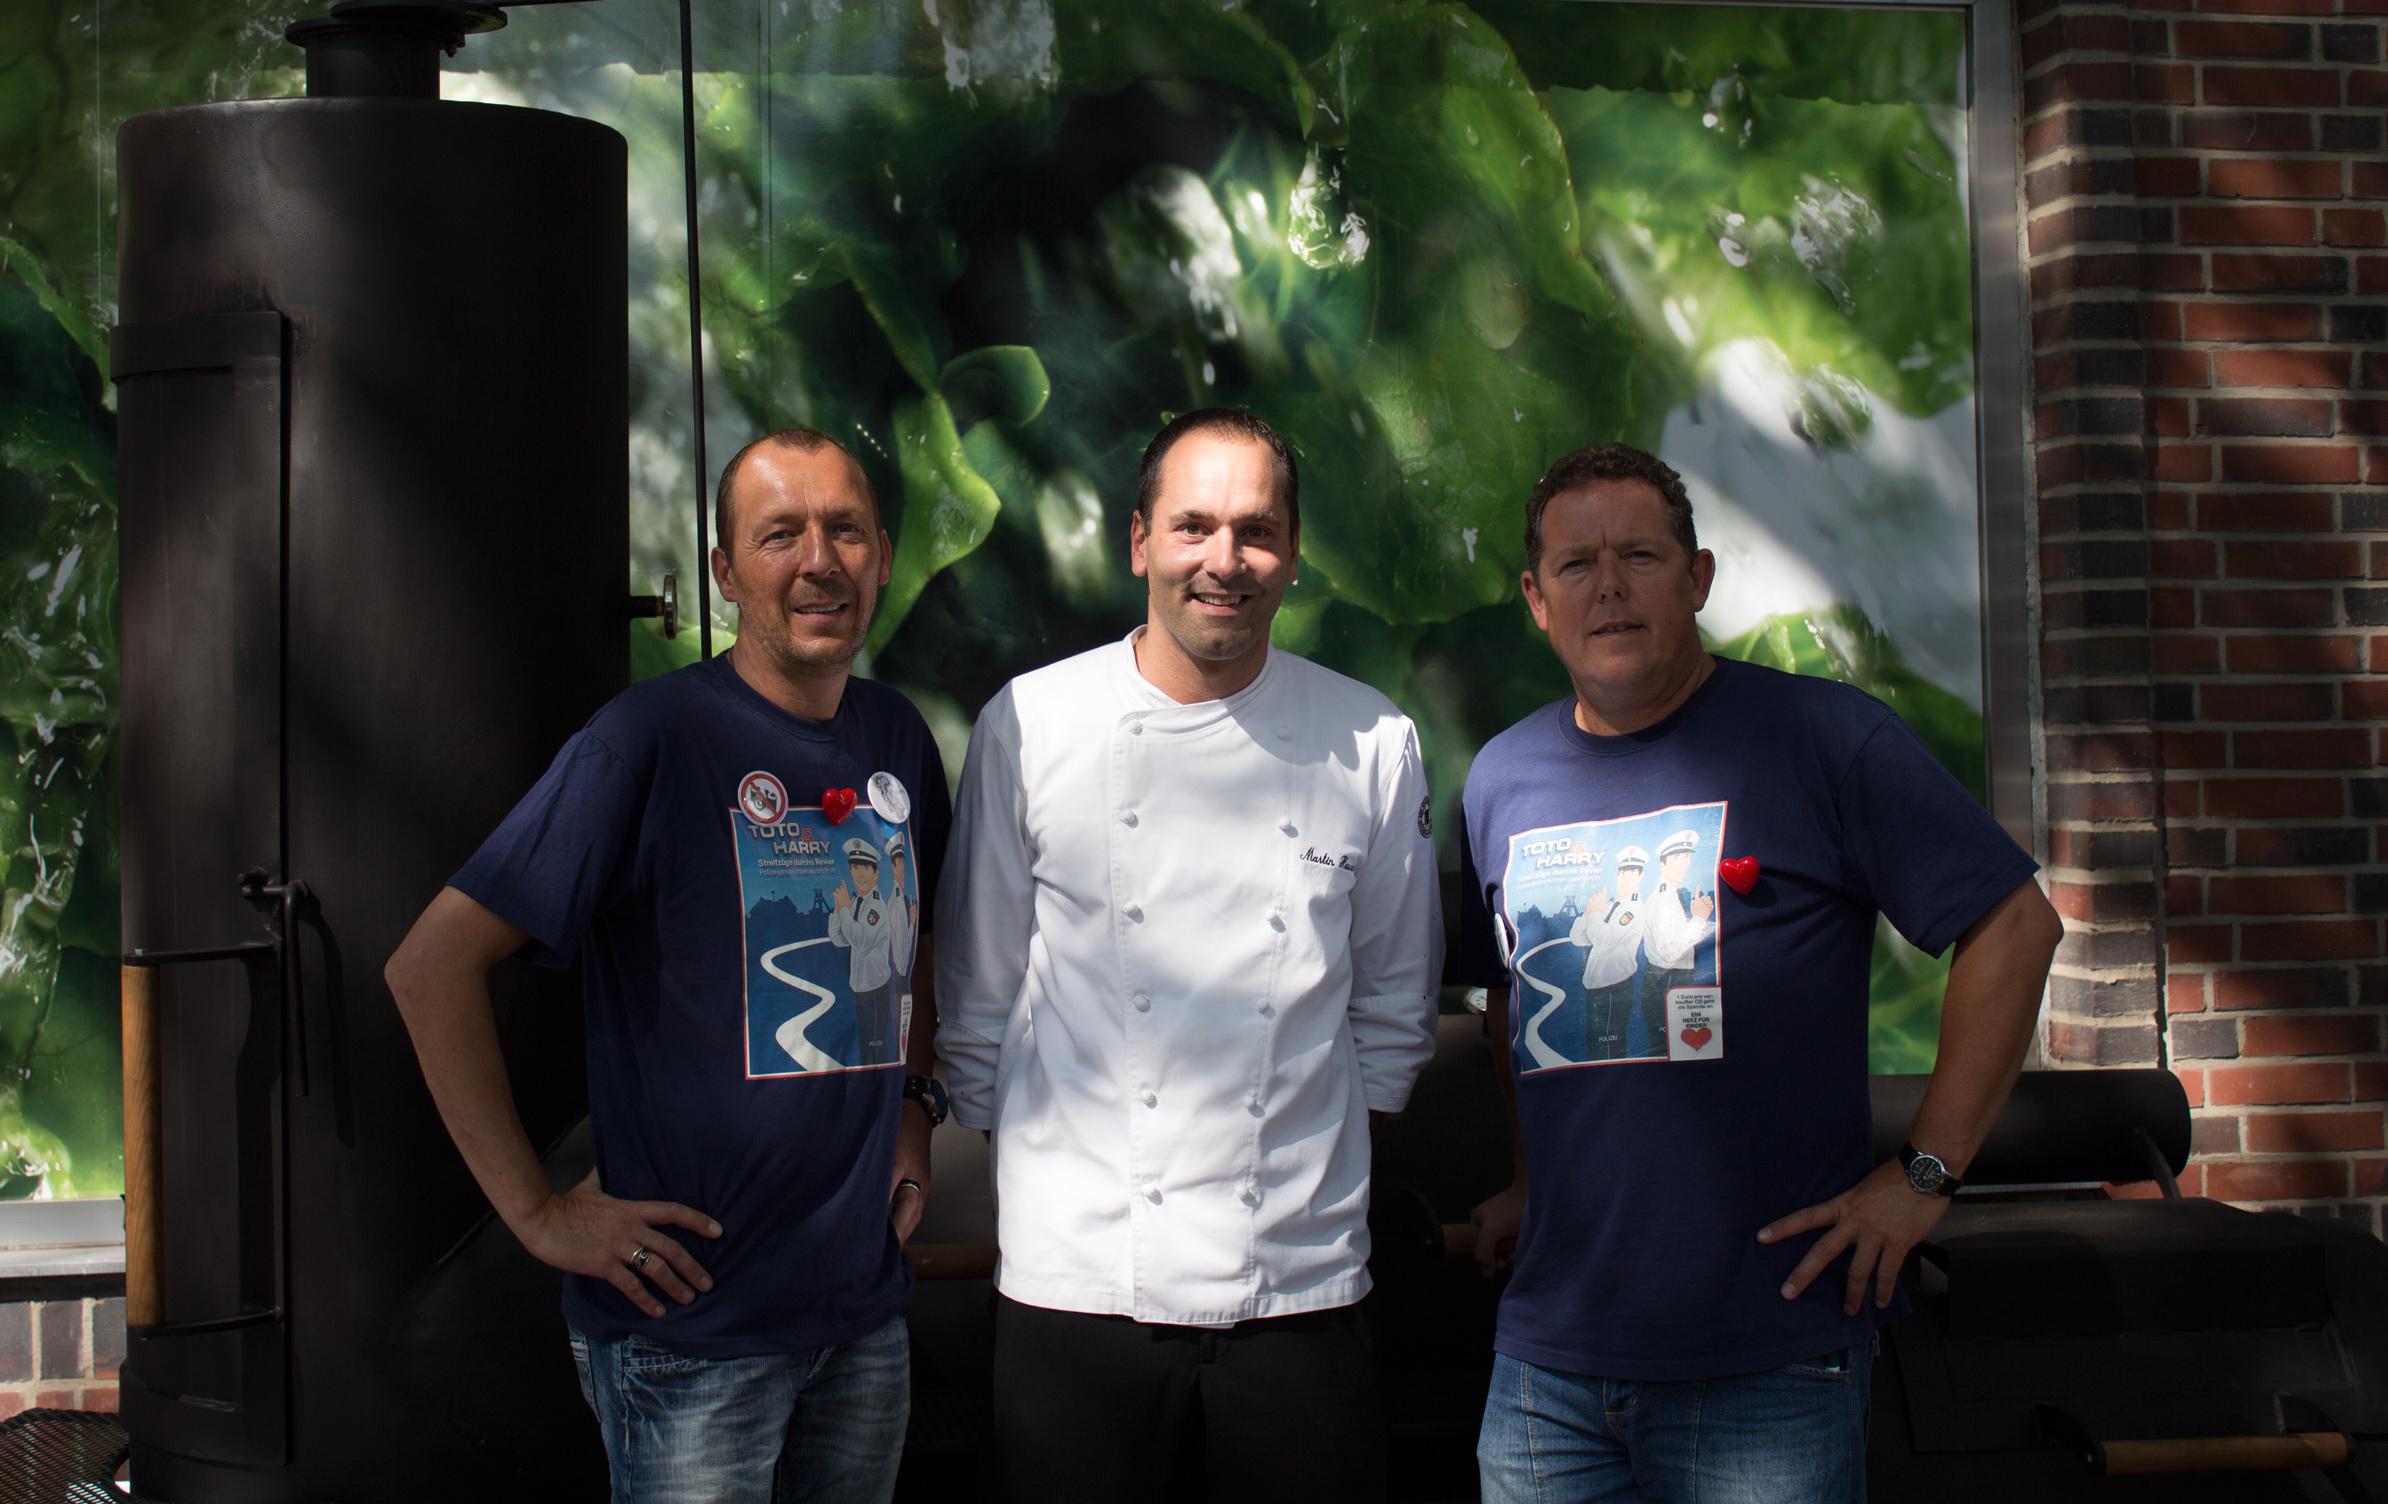 Toto Und Harry Auf Tour Fleischerei Catering Martin Hauser Krefeld